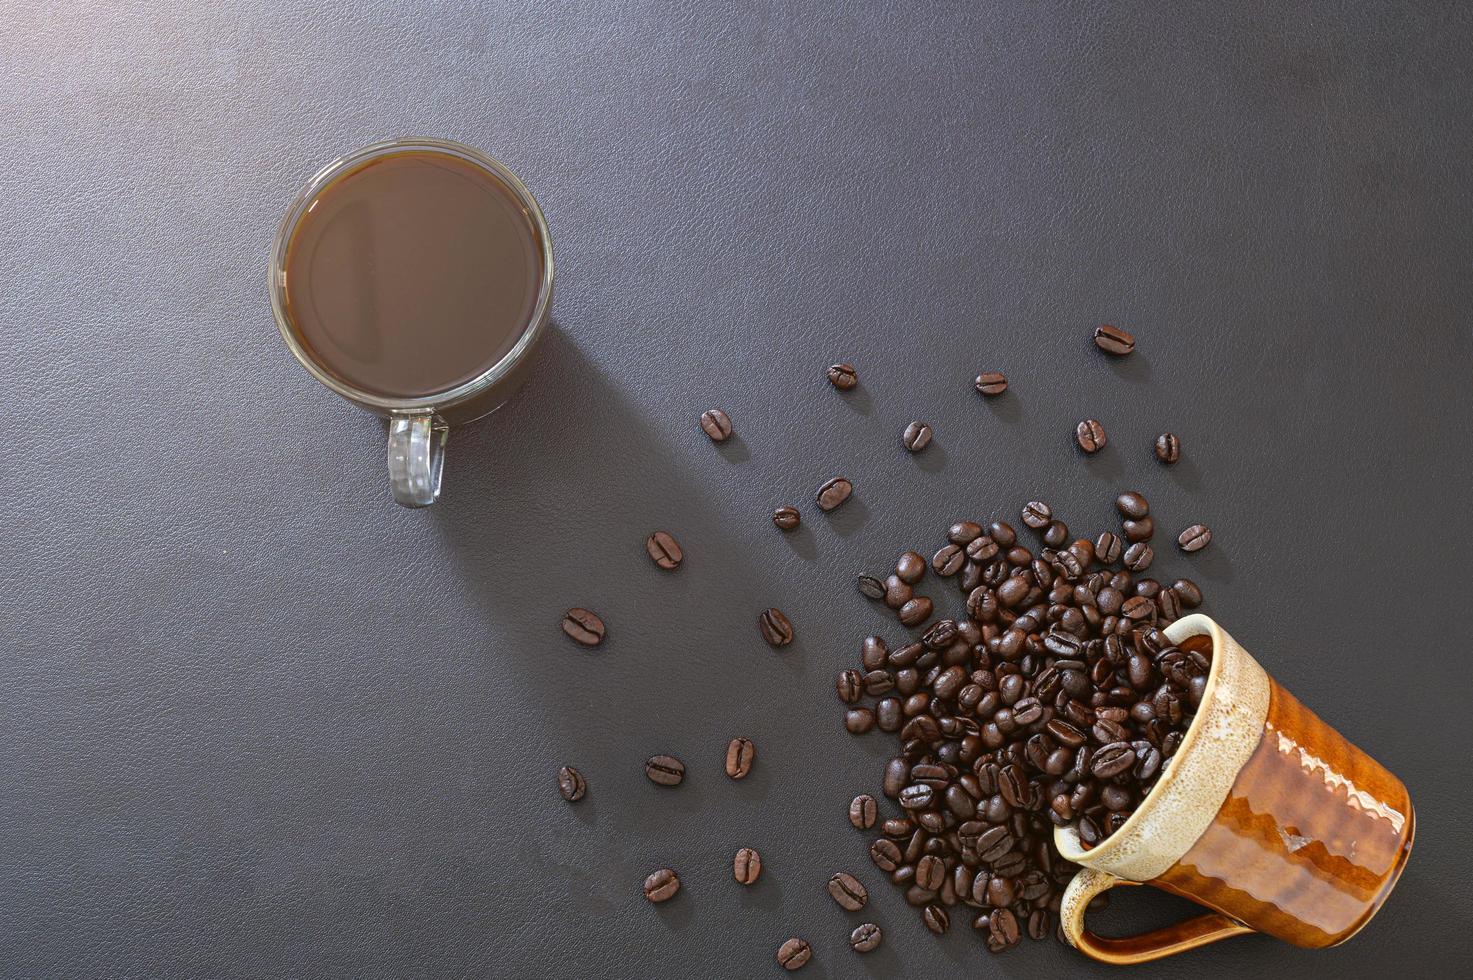 koffiemokken en koffiebonen op het bureau foto